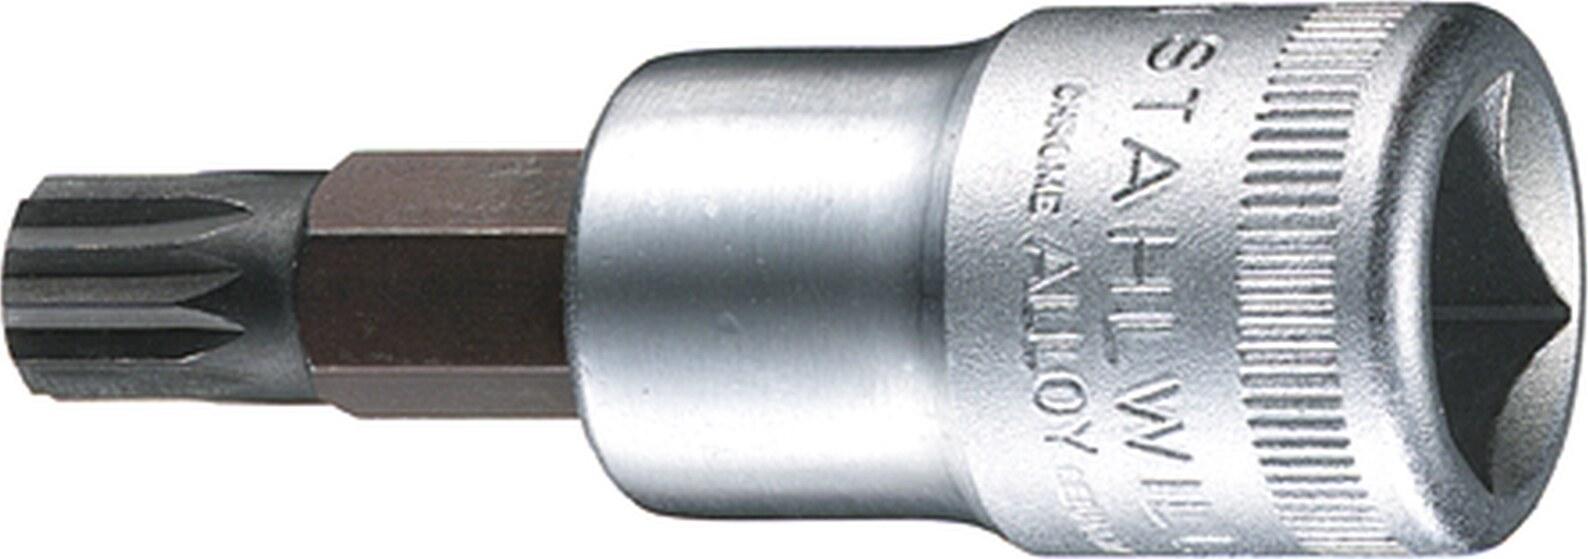 Argent Stahlwille 55 19 Cl/é /à douilles 19 mm